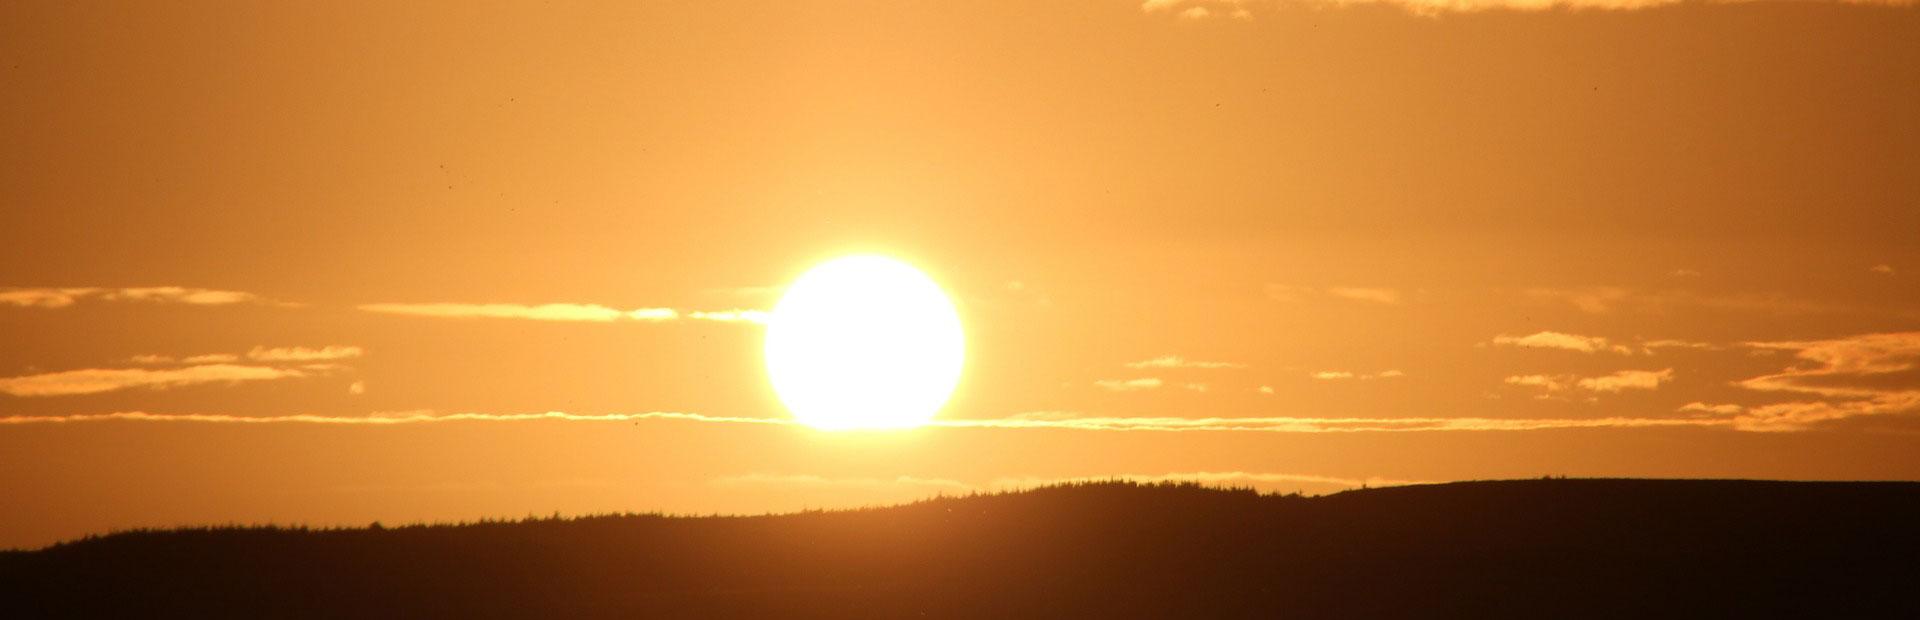 Sunrise Sunset / Moonrise Moonset